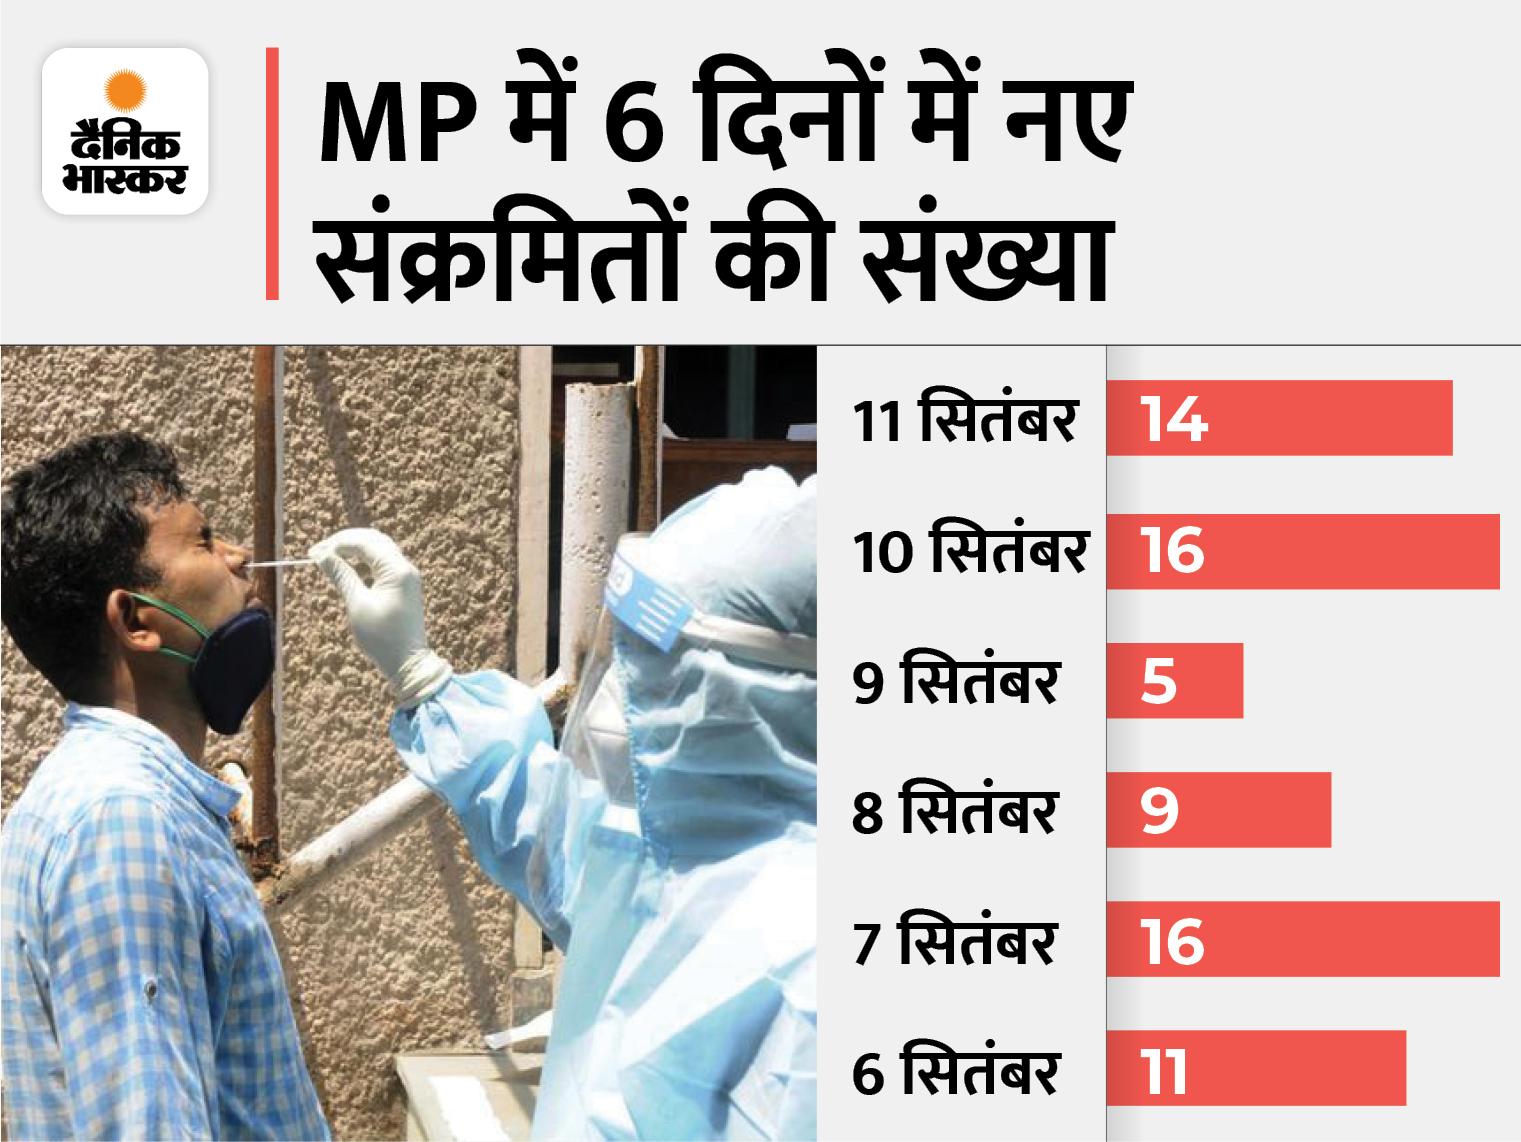 जबलपुर में लगातार दूसरे दिन 8 पॉजिटिव मिले; भोपाल में 2, धार, पन्ना, राजगढ़, विदिशा में 1-1 पॉजिटिव; प्रदेश में अभी 138 एक्टिव केस|भोपाल,Bhopal - Dainik Bhaskar